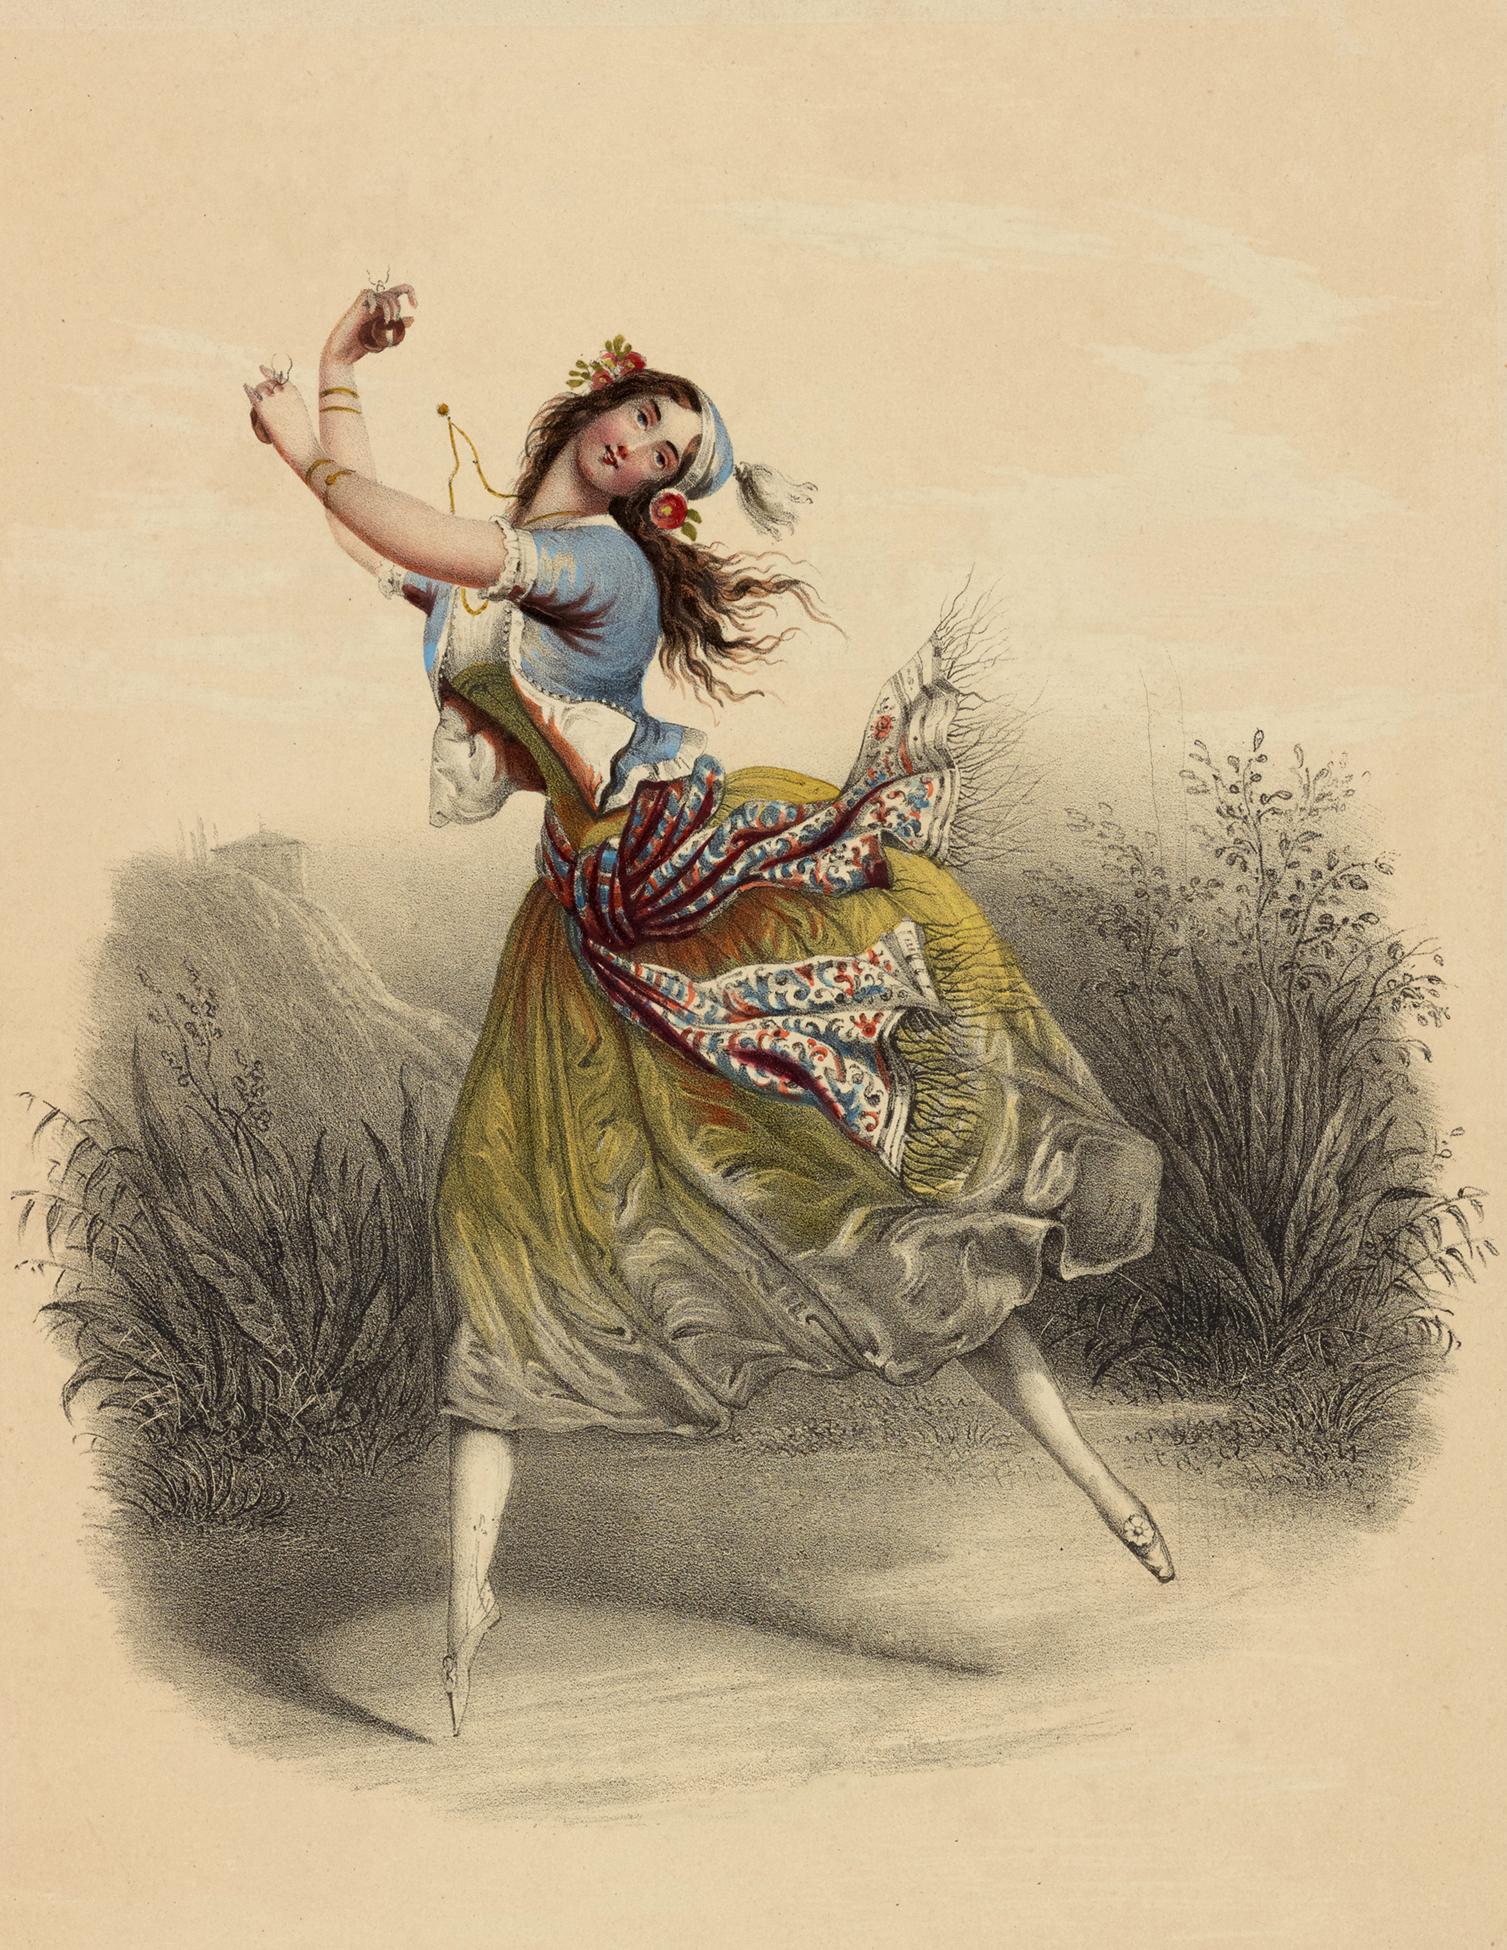 Vintage Gypsy Ballerina Image